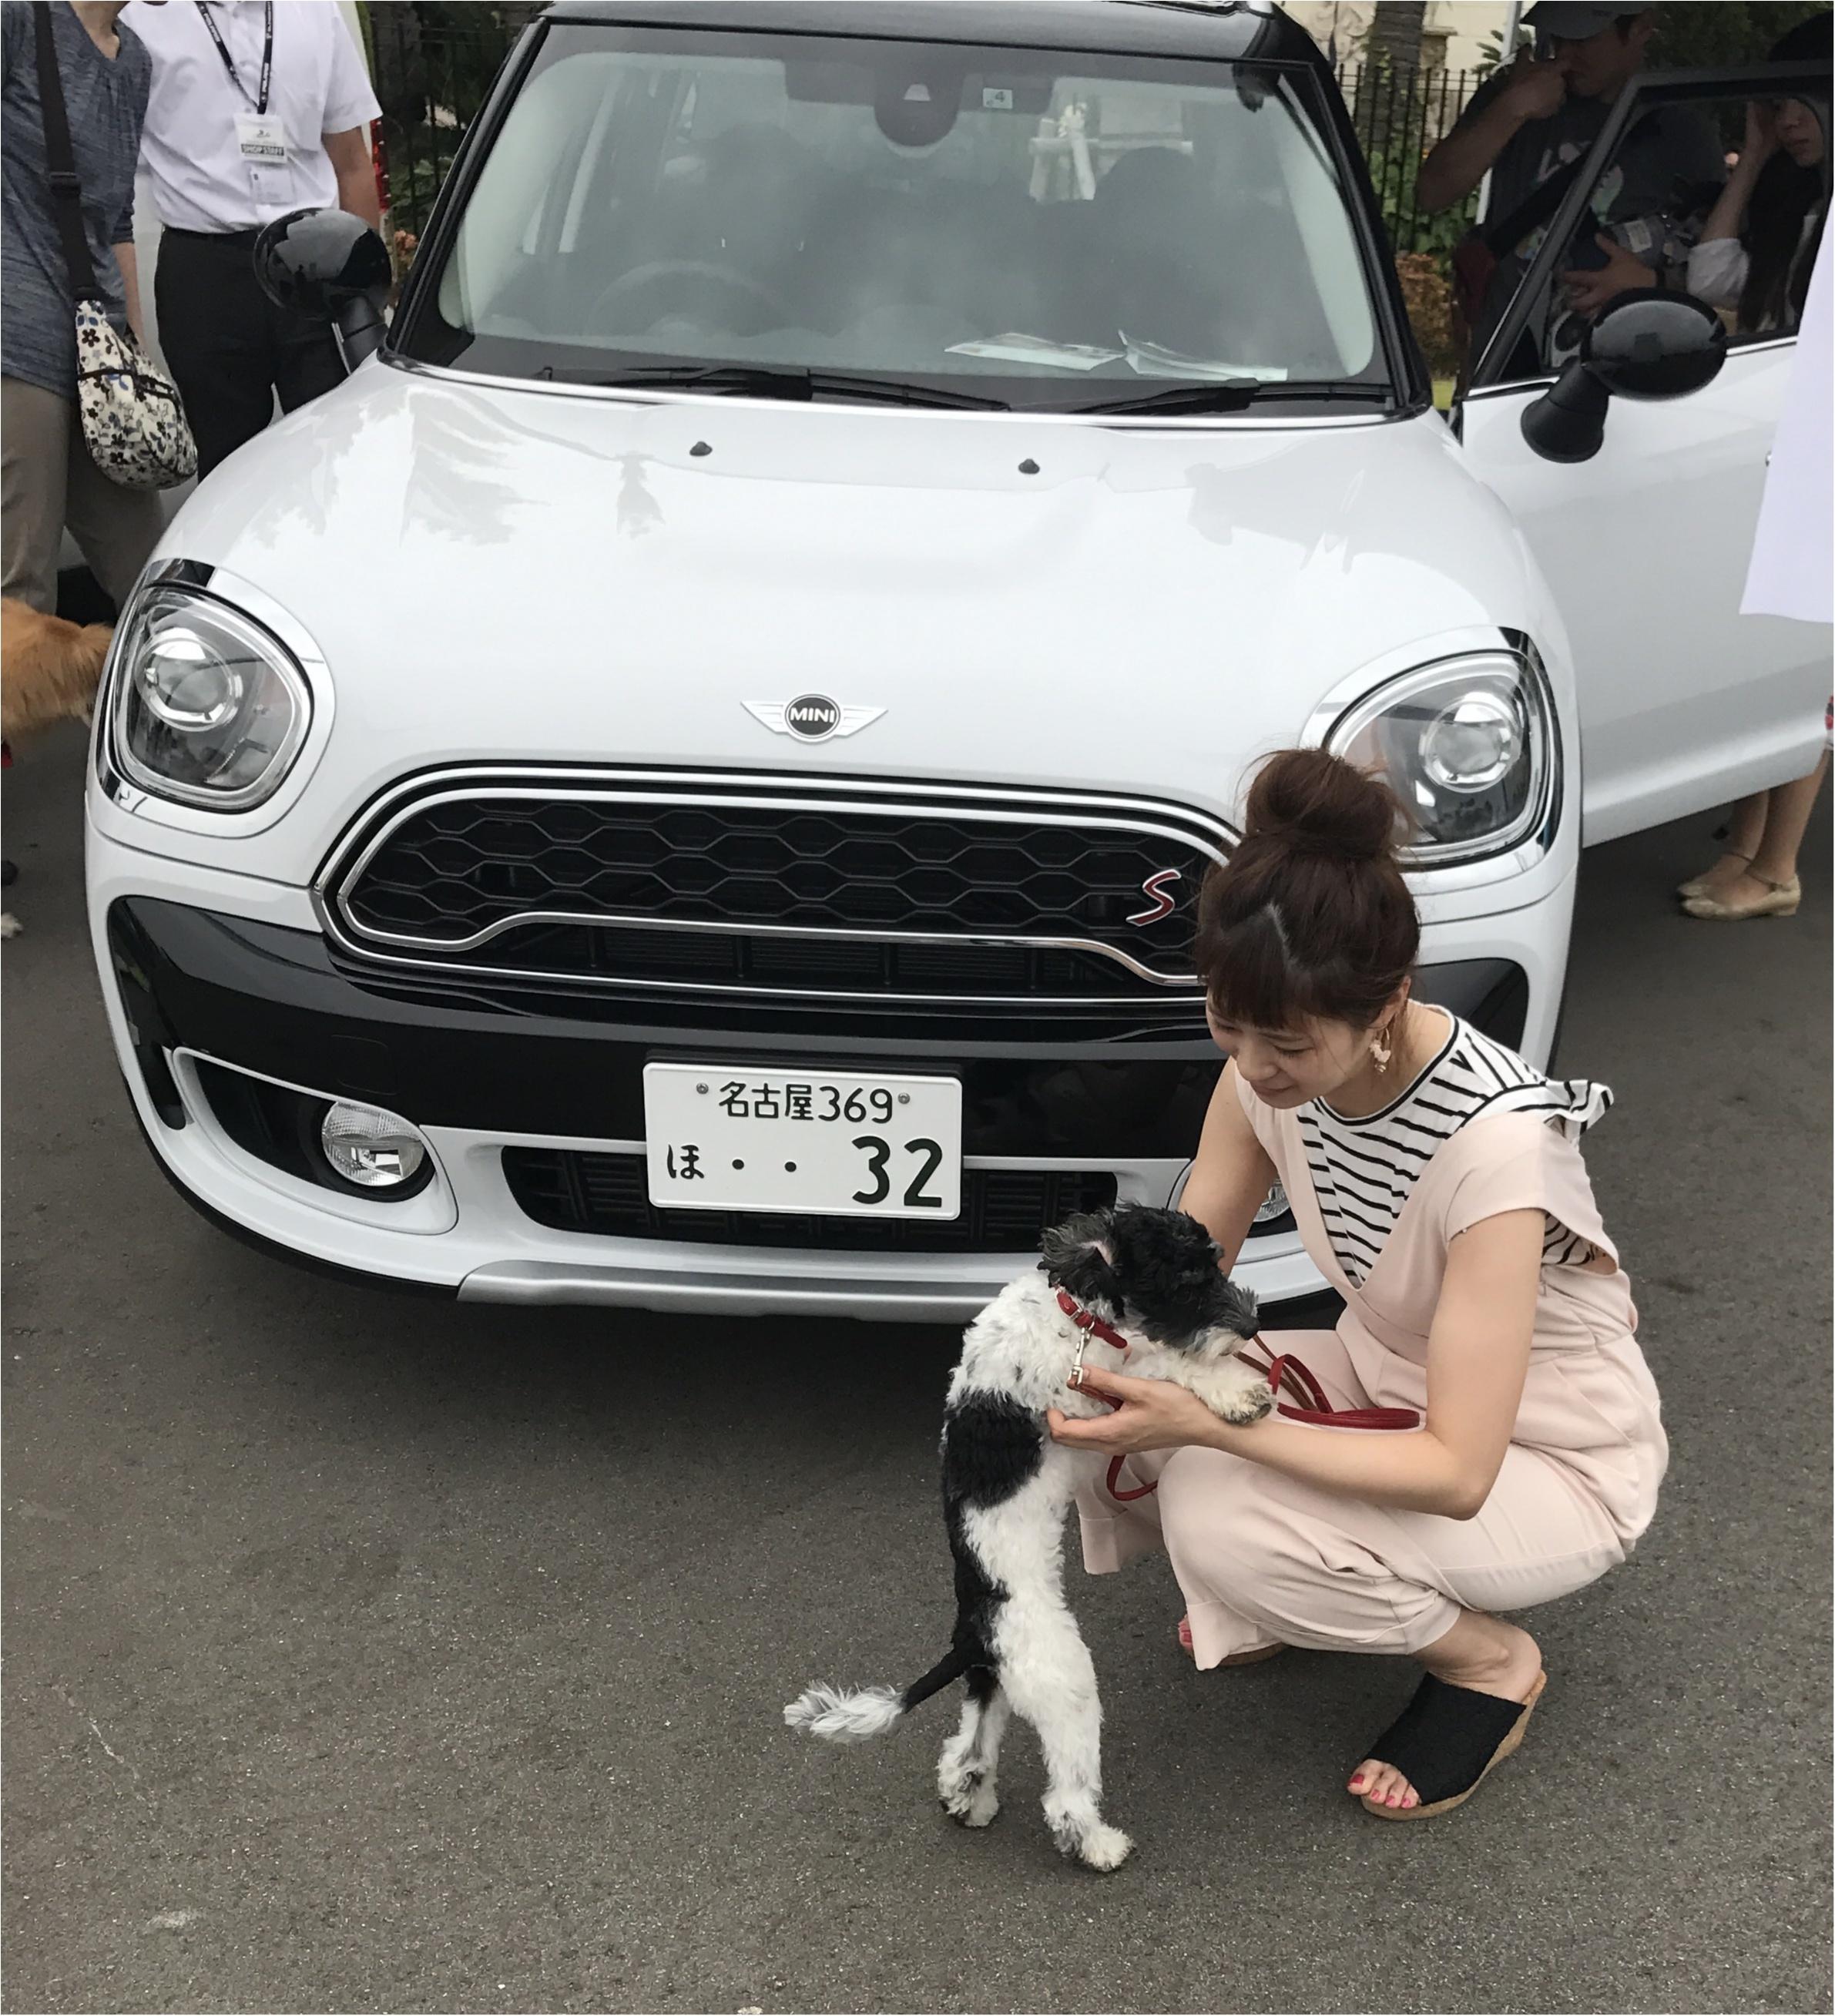 【コーデ】きれいめカジュアルコーデで愛犬とわんこマルシェへ♡_3